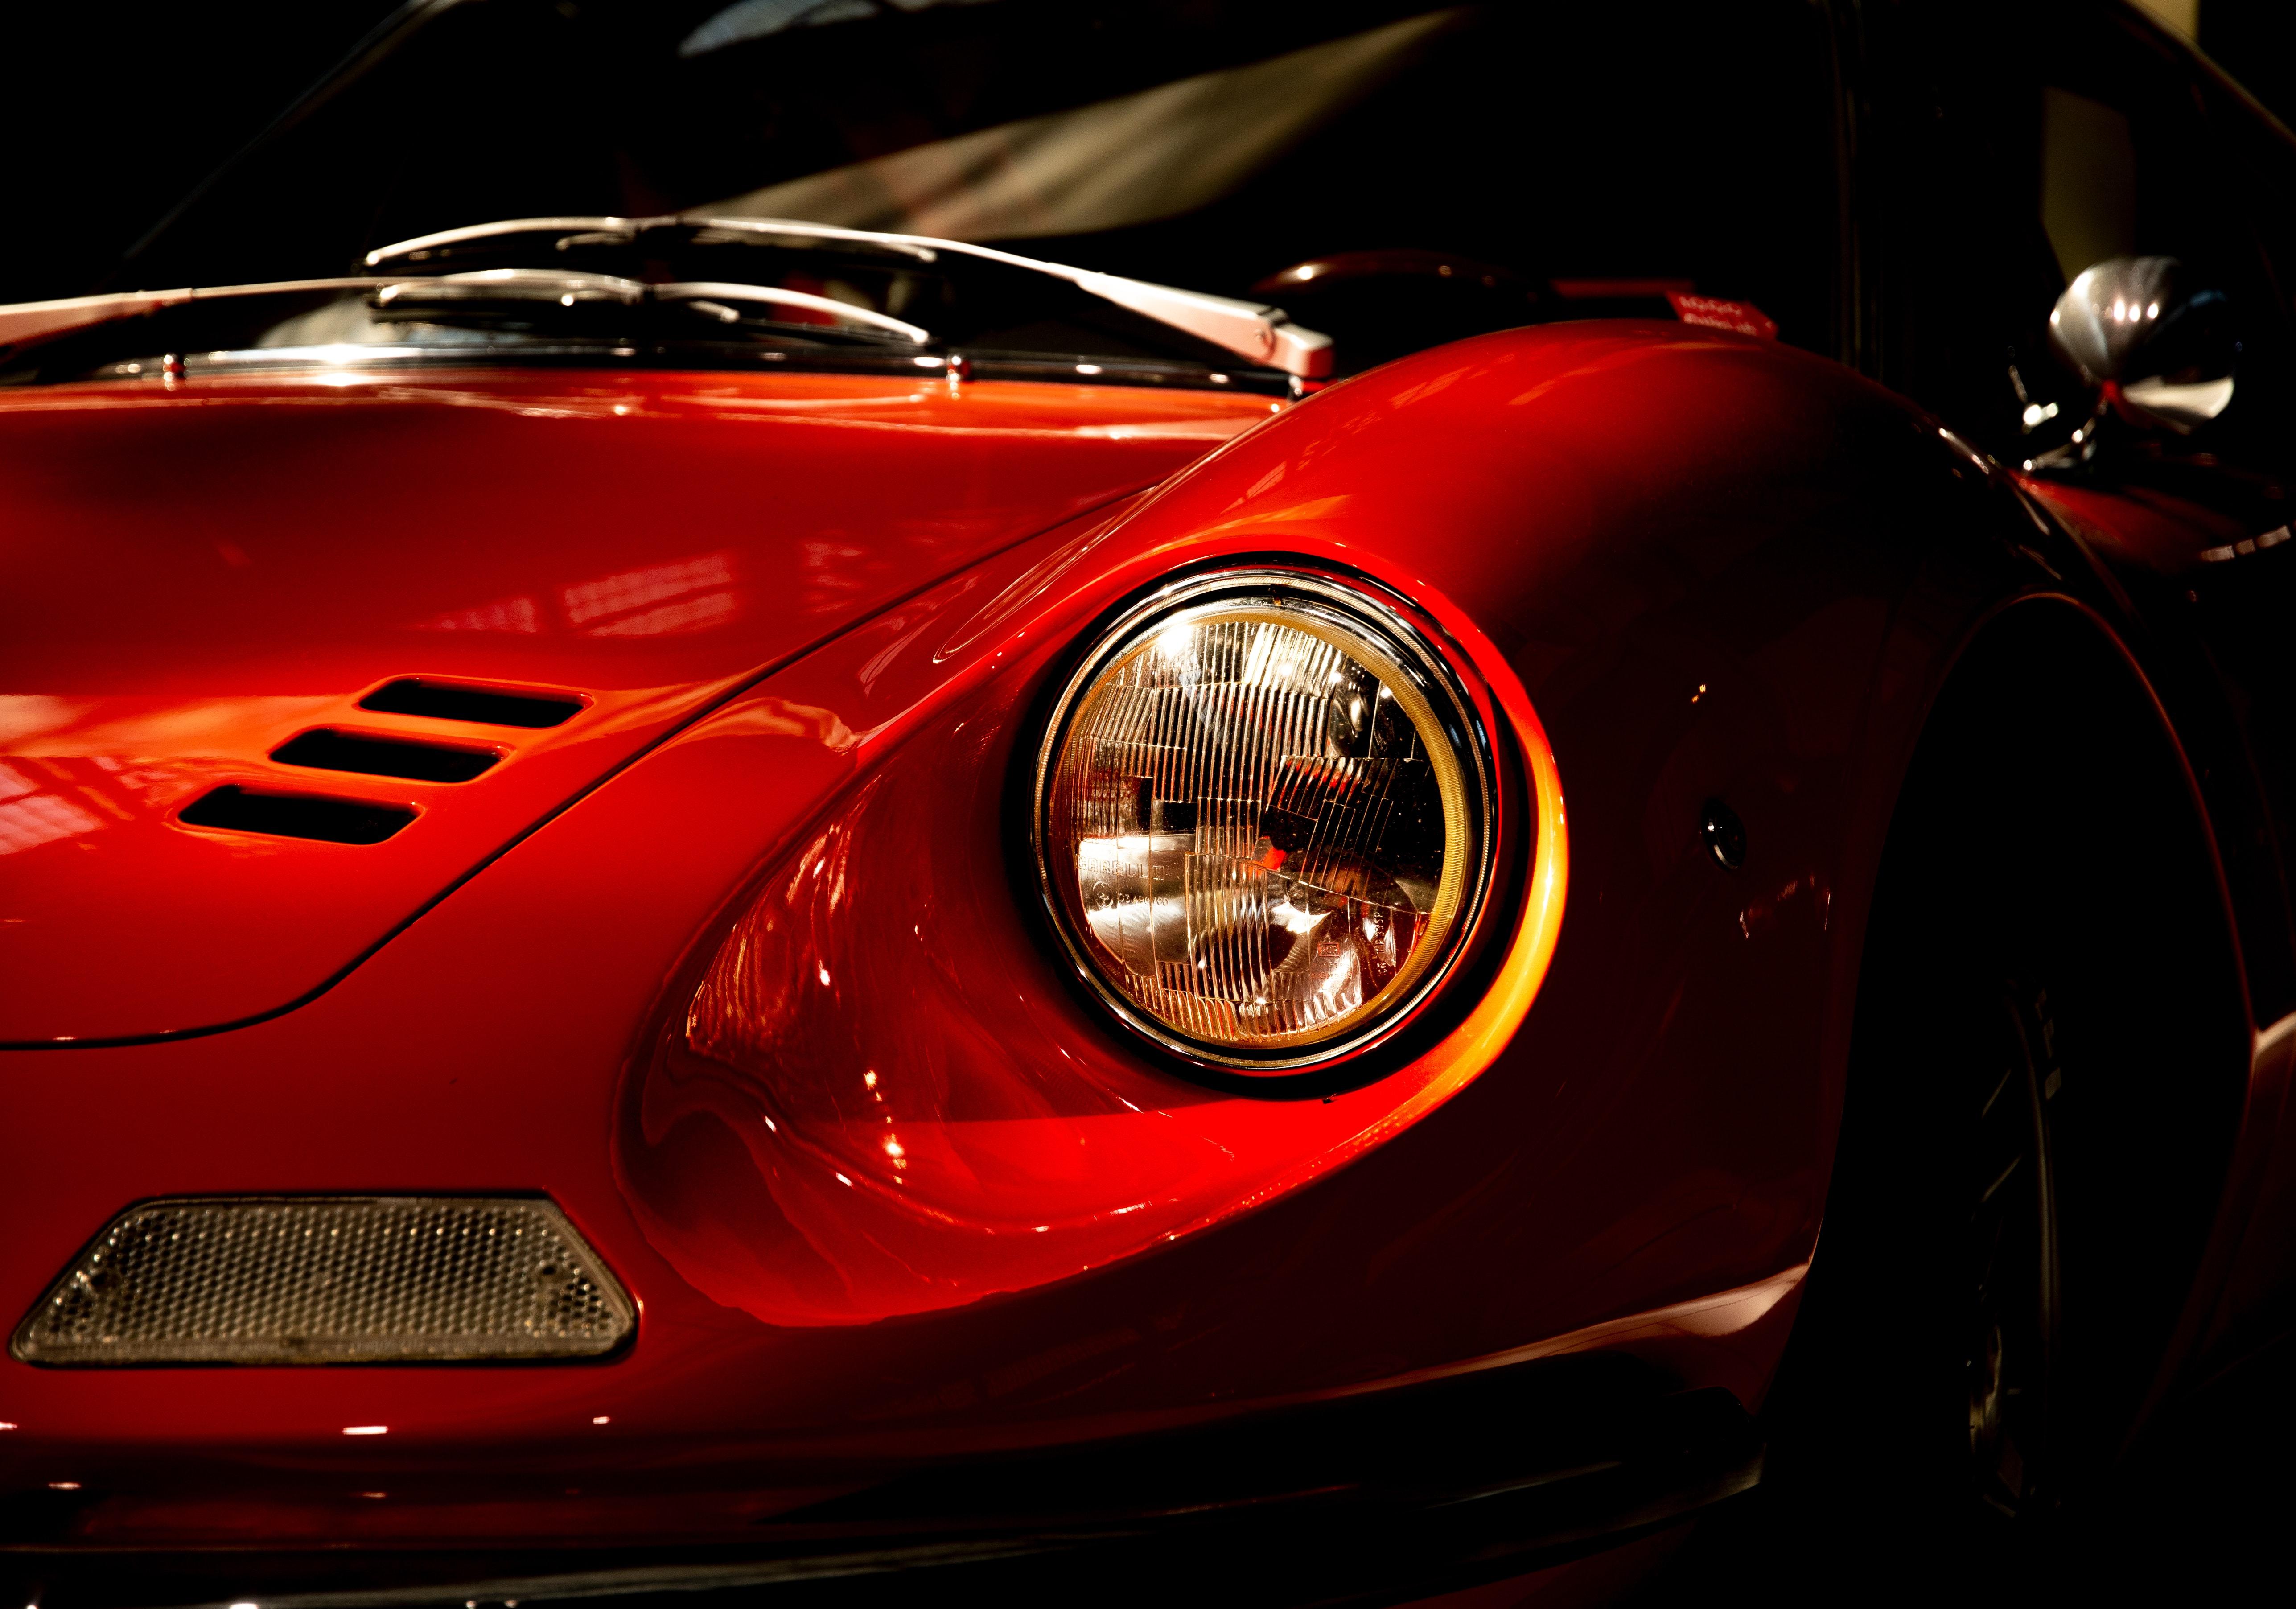 Enzo Ferrari – His Story